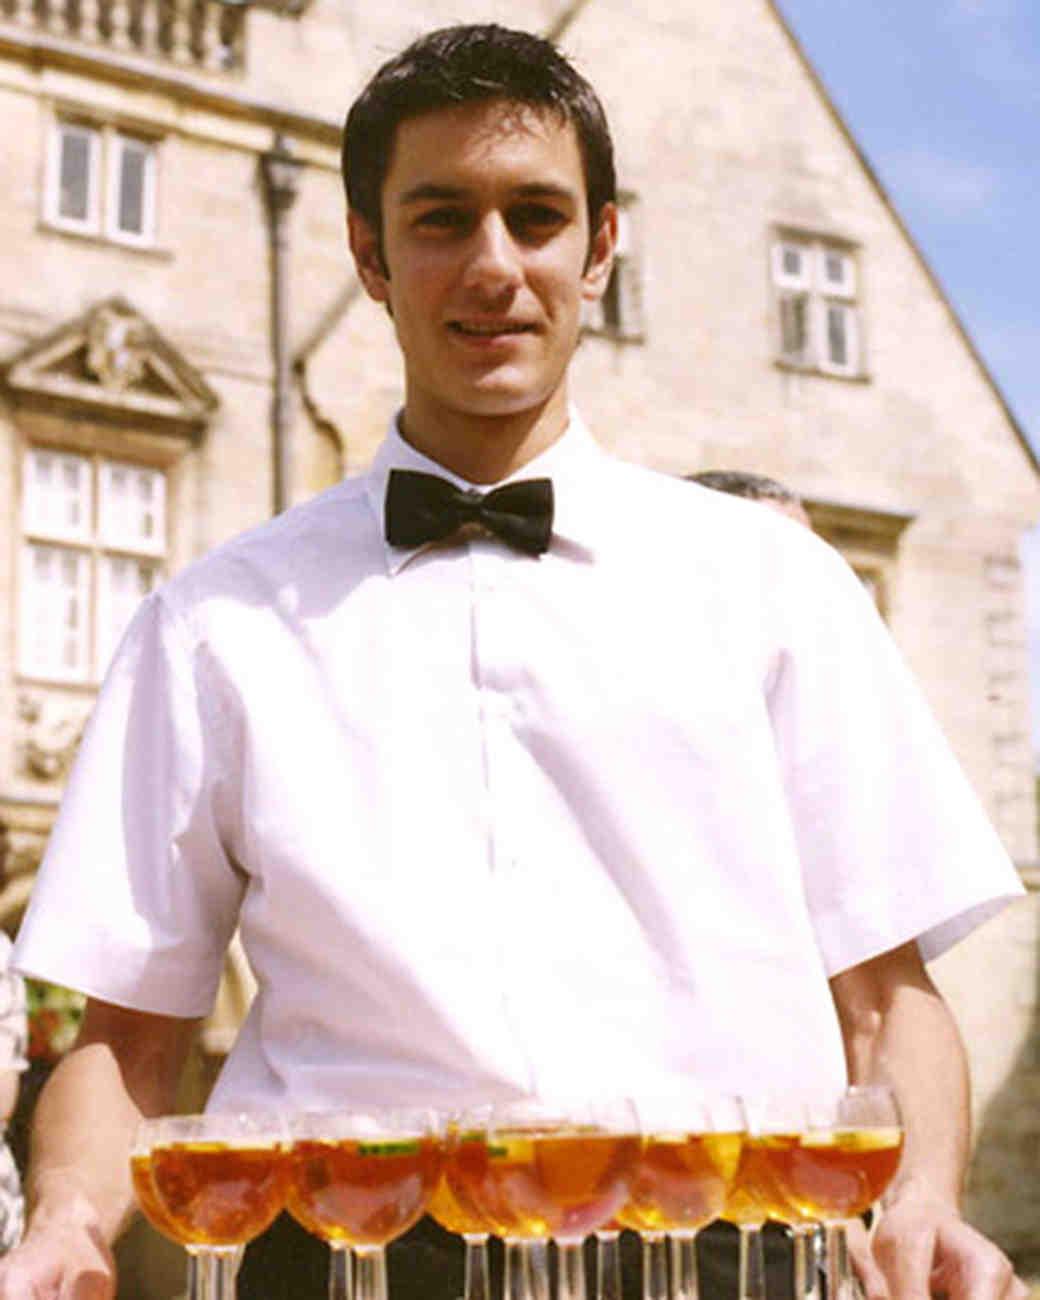 wa102557_win07_waiter.jpg